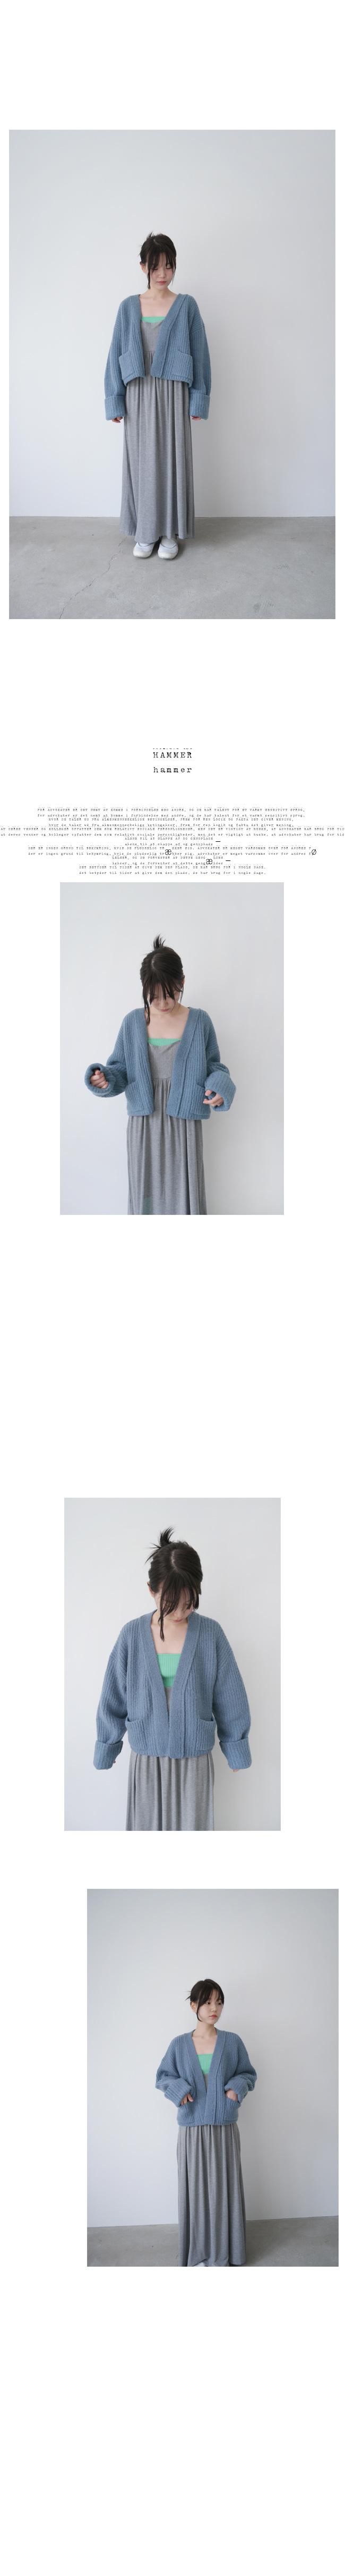 skittles color sleeveless